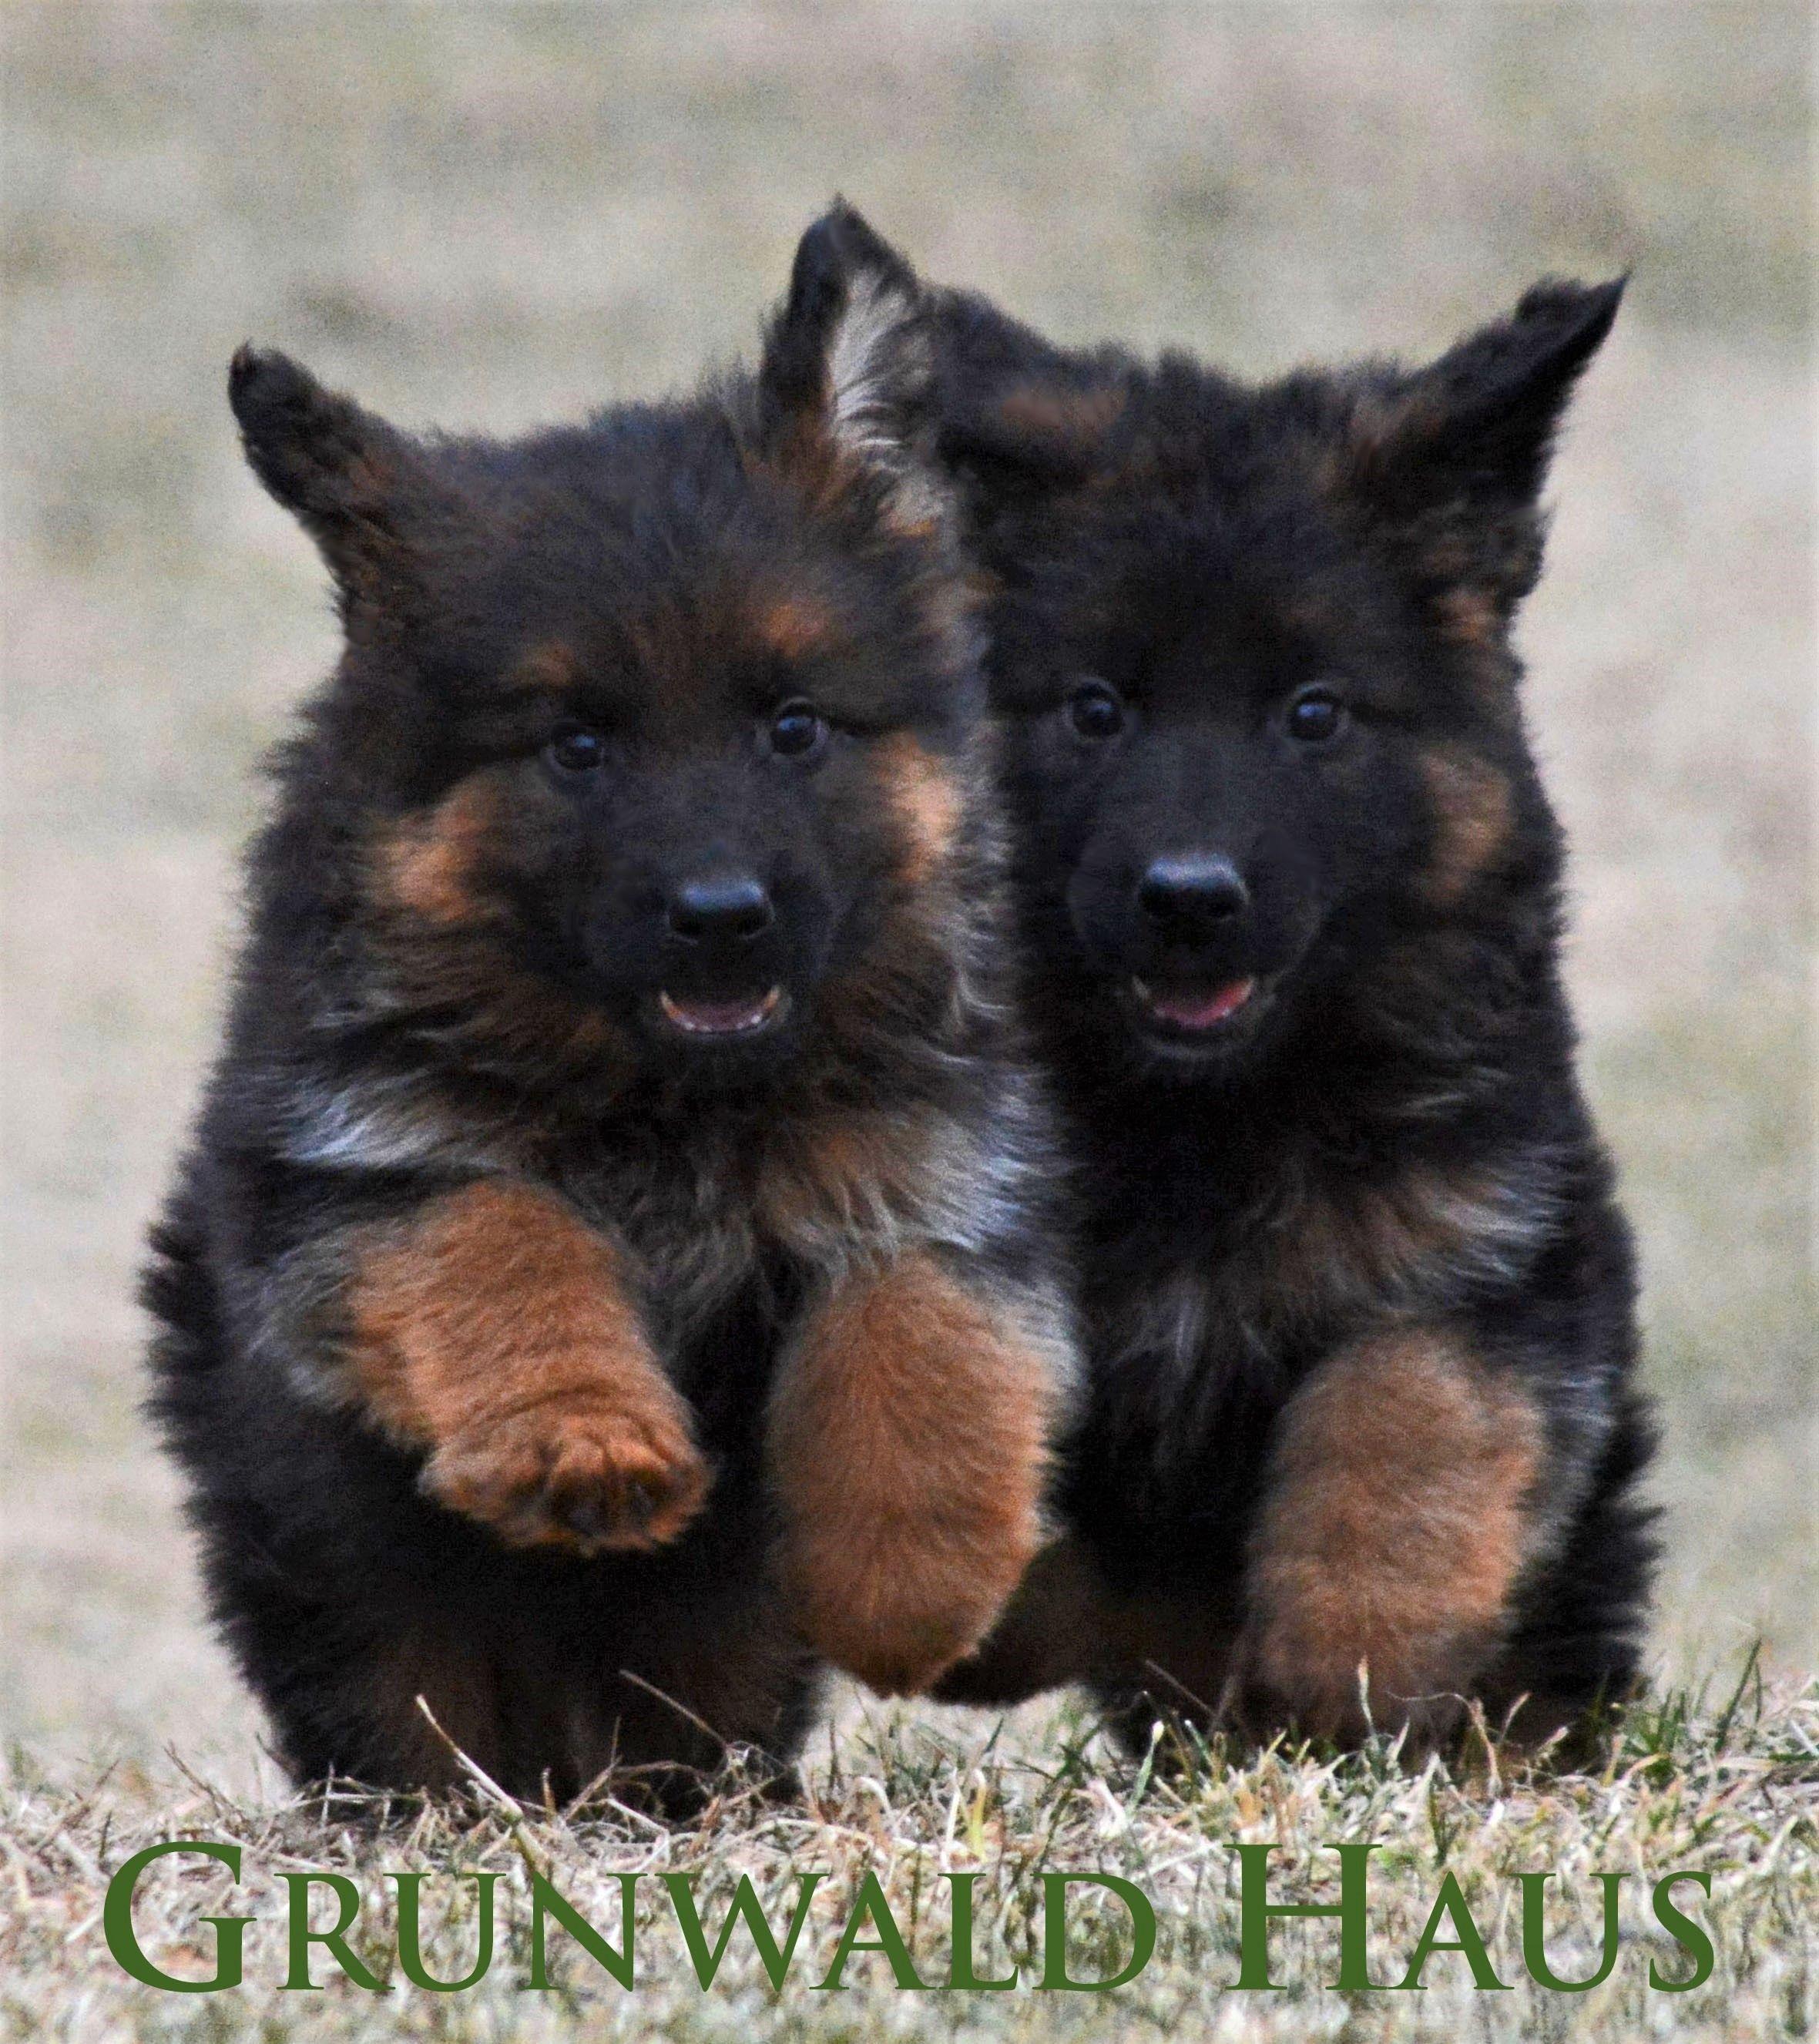 7 Week Old Long Coat German Shepherd Puppies By Grunwald Haus